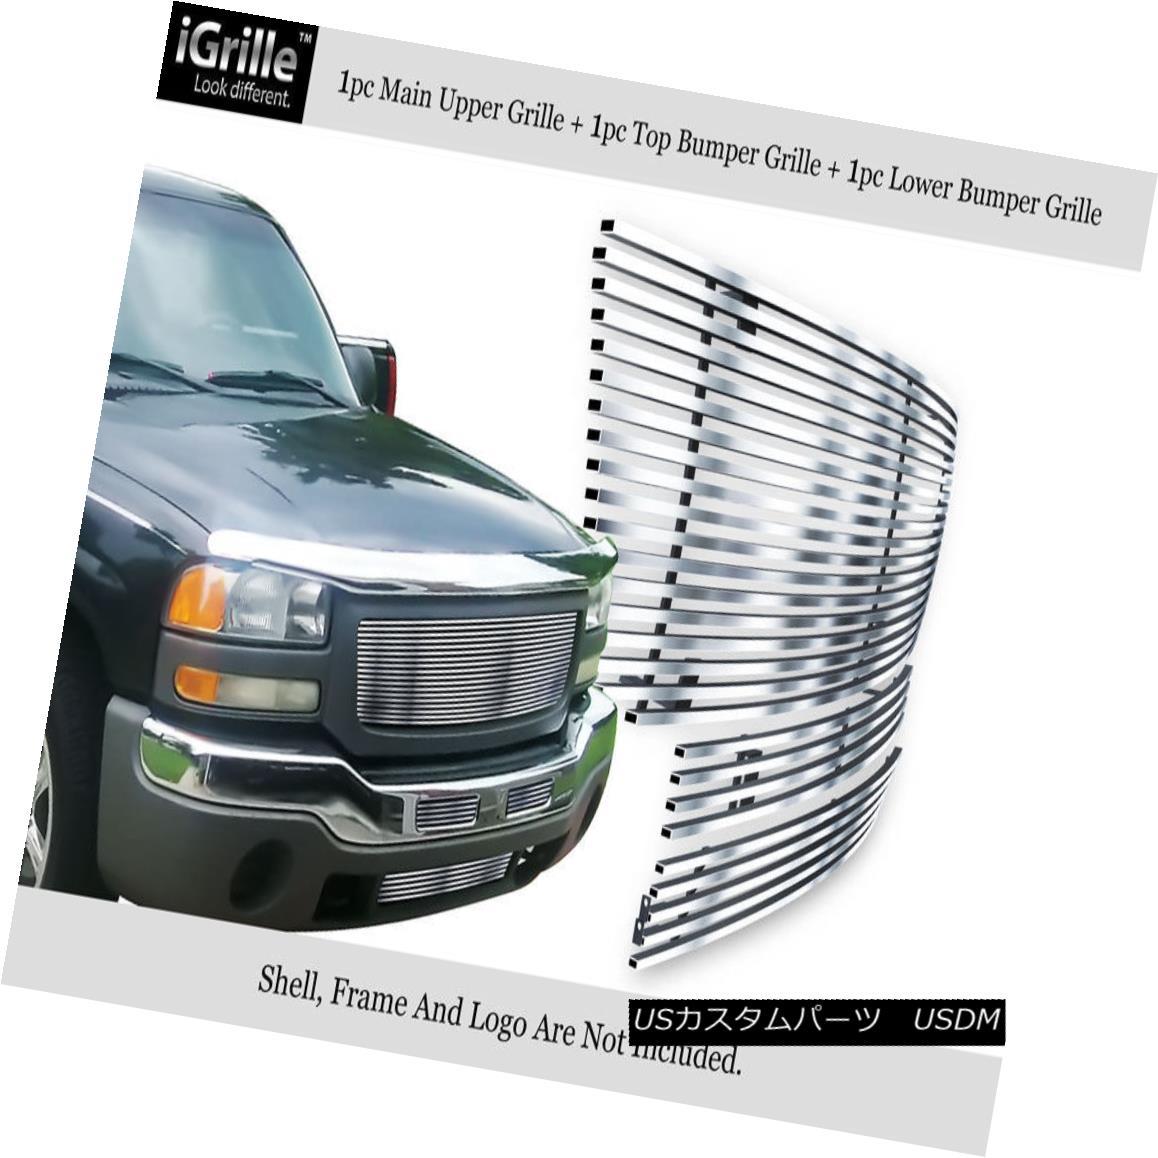 グリル Fits 2003-2006 GMC Sierra 1500/2500HD/3500 Stainless Billet Grille Combo 2003-2006 GMC Sierra 1500 / 2500HD / 35 00ステンレスビレットグリルコンボ